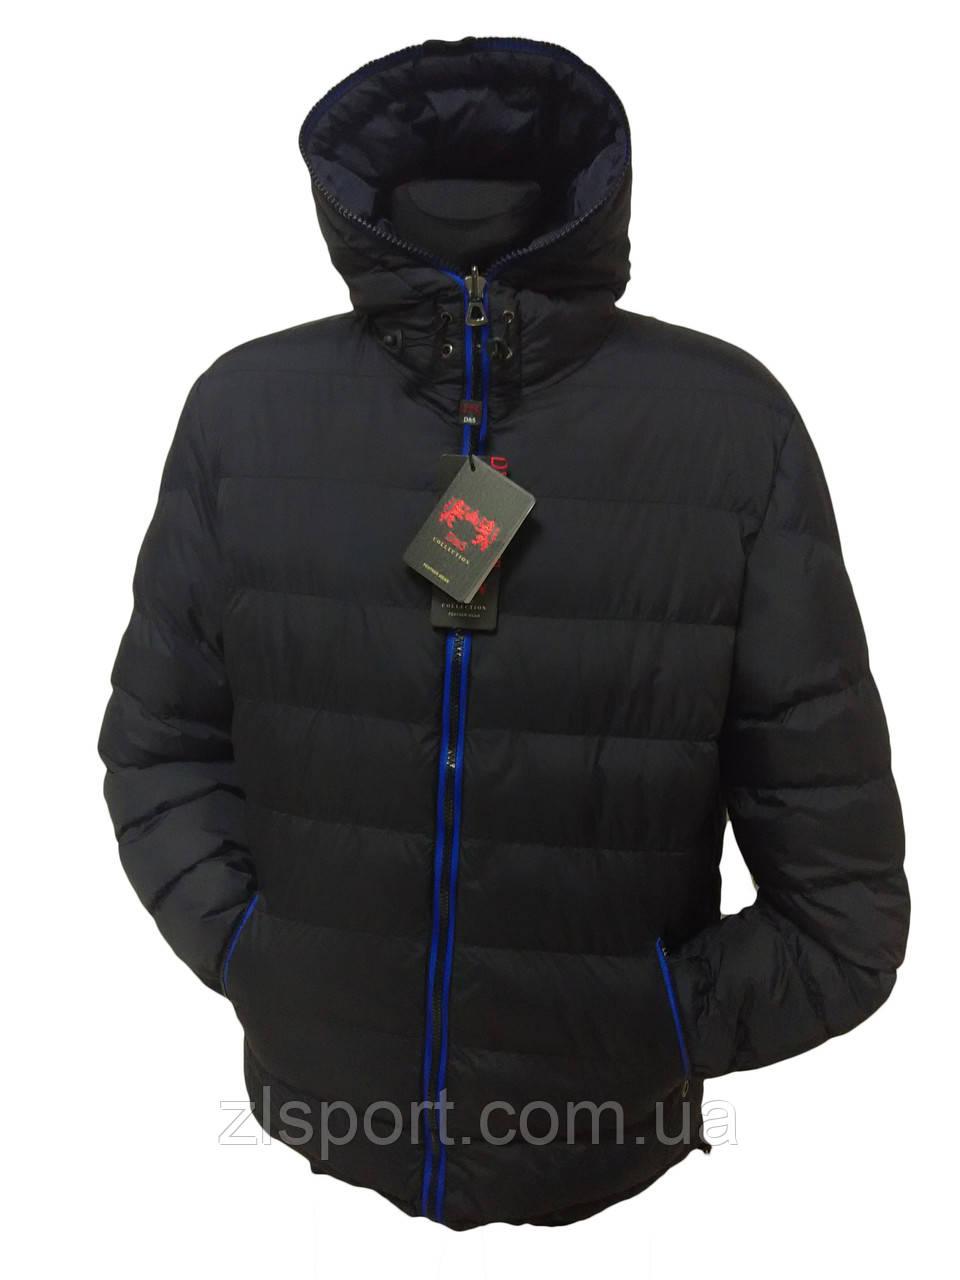 Мужской двухсторонний пуховик, куртка с капюшоном D S - Интернет магазин  спортивной одежды